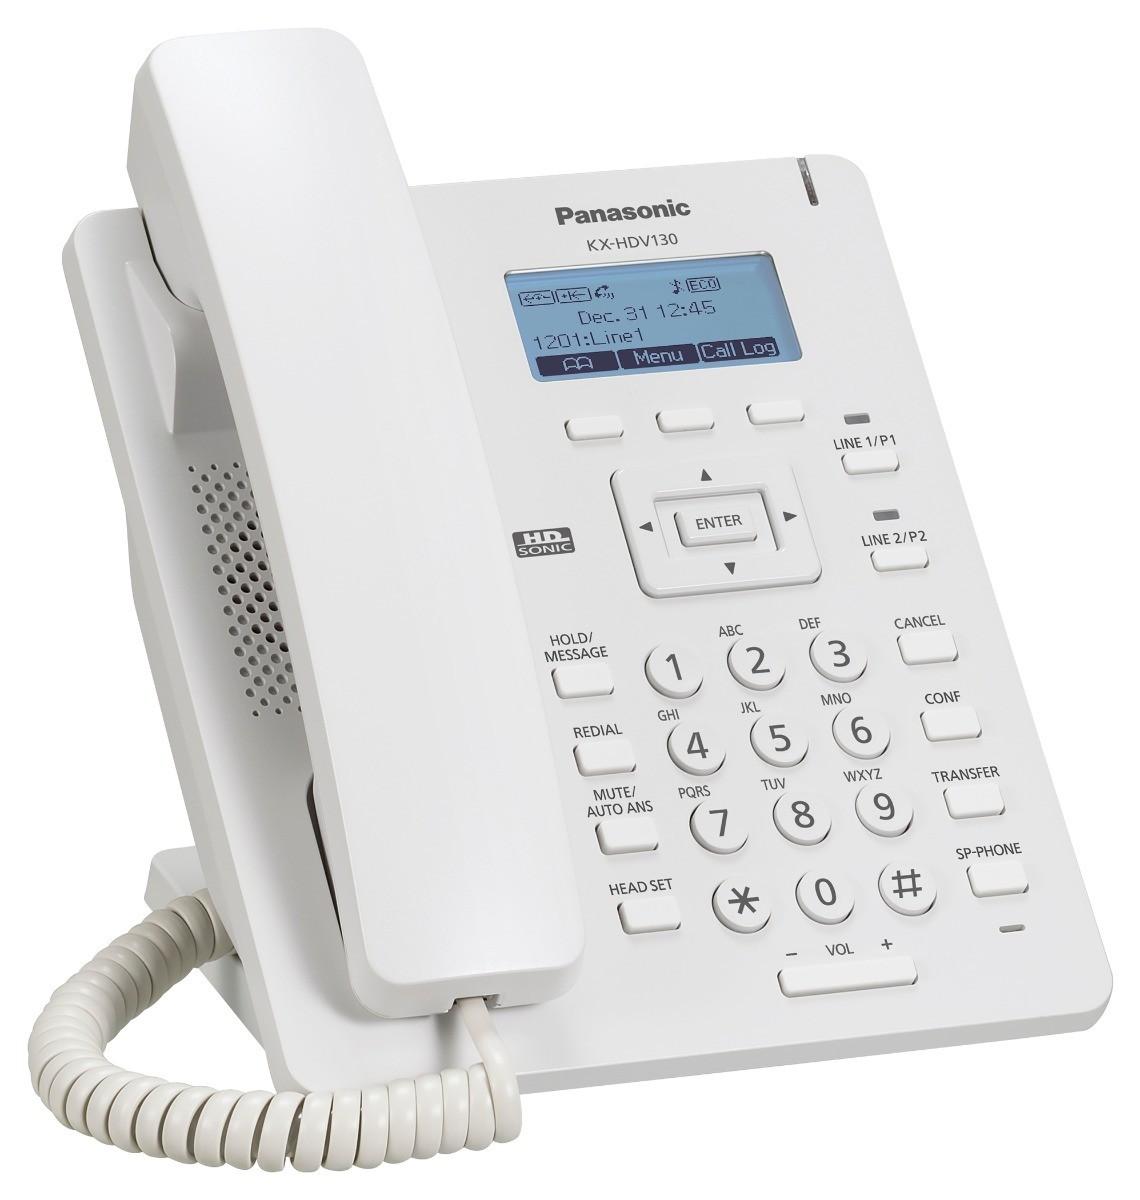 Aparelho Telefônico IP KX-HDV130  - Panasonic